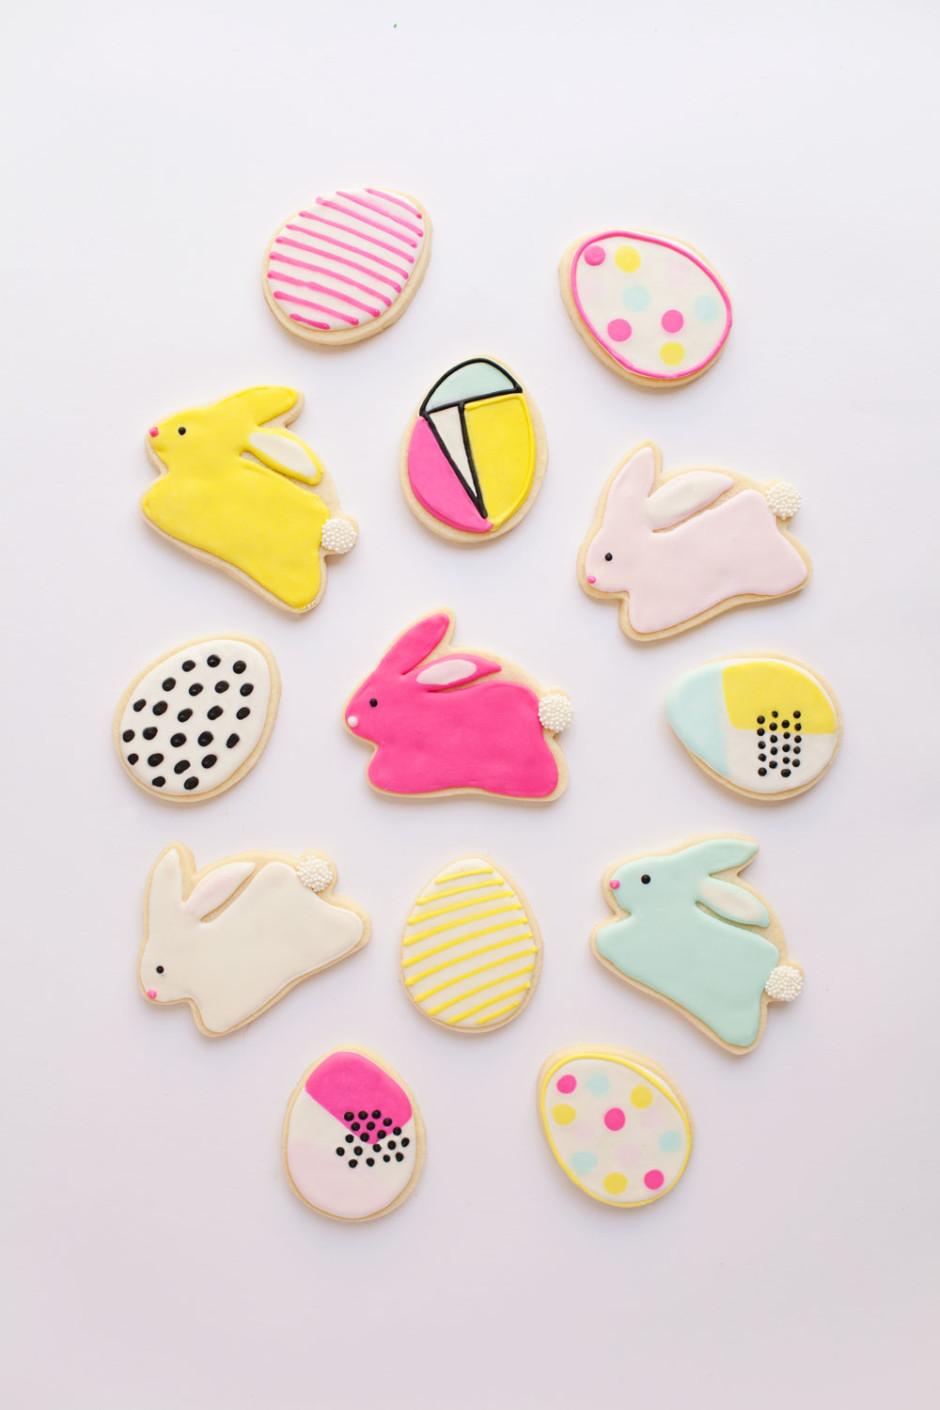 EAster-Cookies-Modern